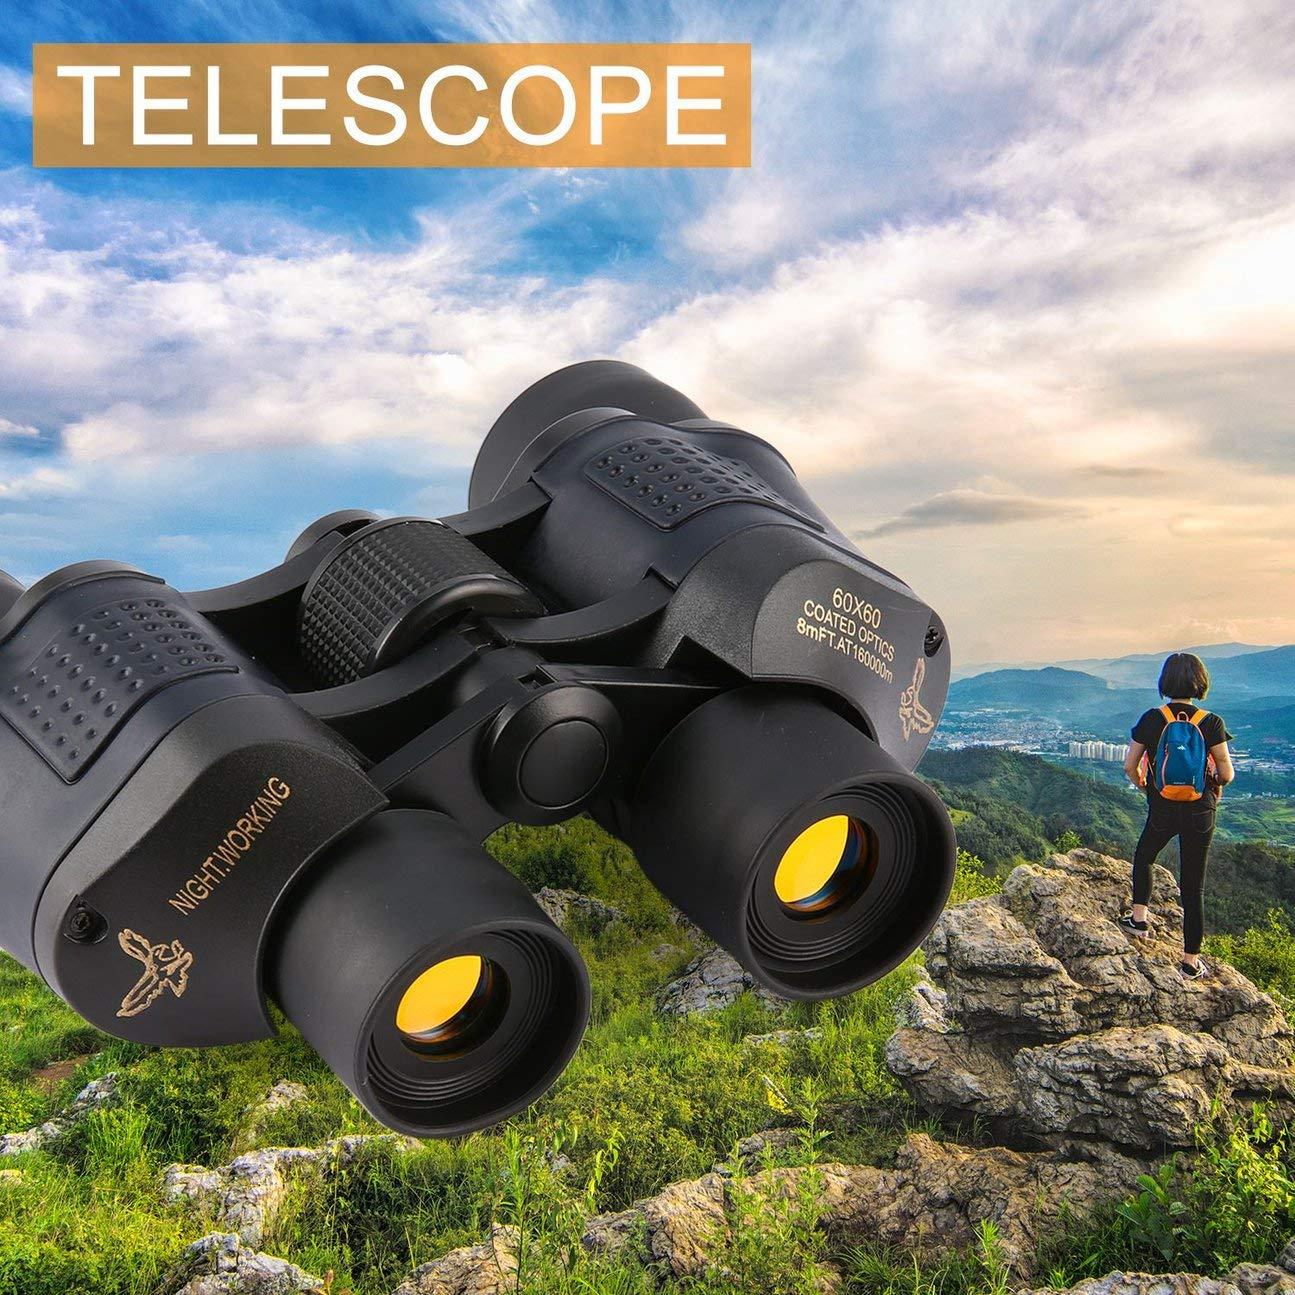 60x60 16000M HD Telescopio binoculares binoculares Telescopio de Caza Profesional Visión Nocturna para Excursionismo Viajes Trabajo de Campo Forestal Protección contra Incendios Negro 653c94